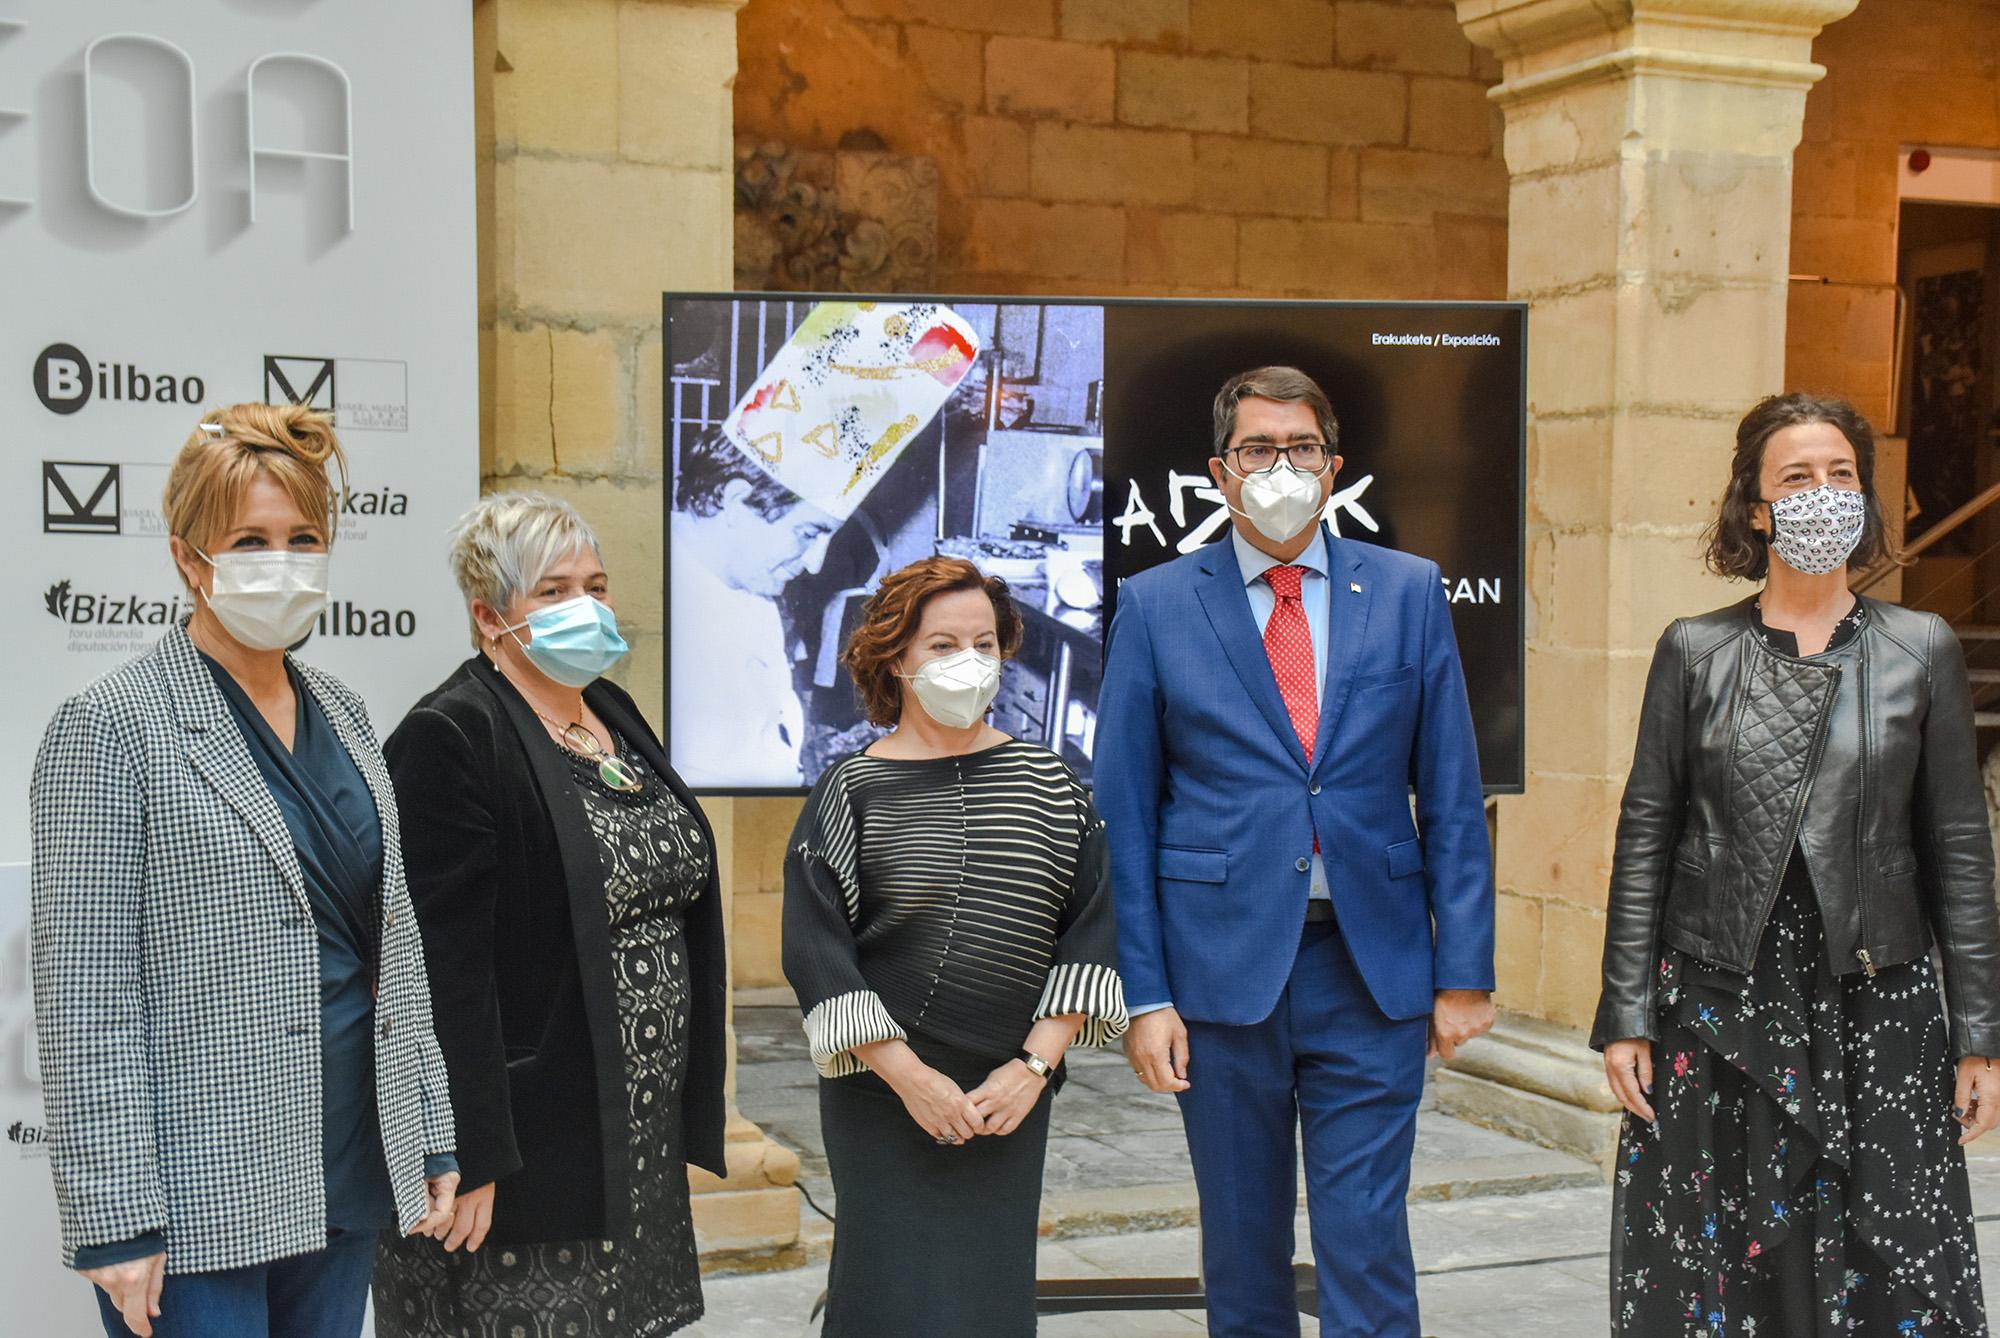 F/ Euskal Museoa Bilbao Museo Vasco 2020